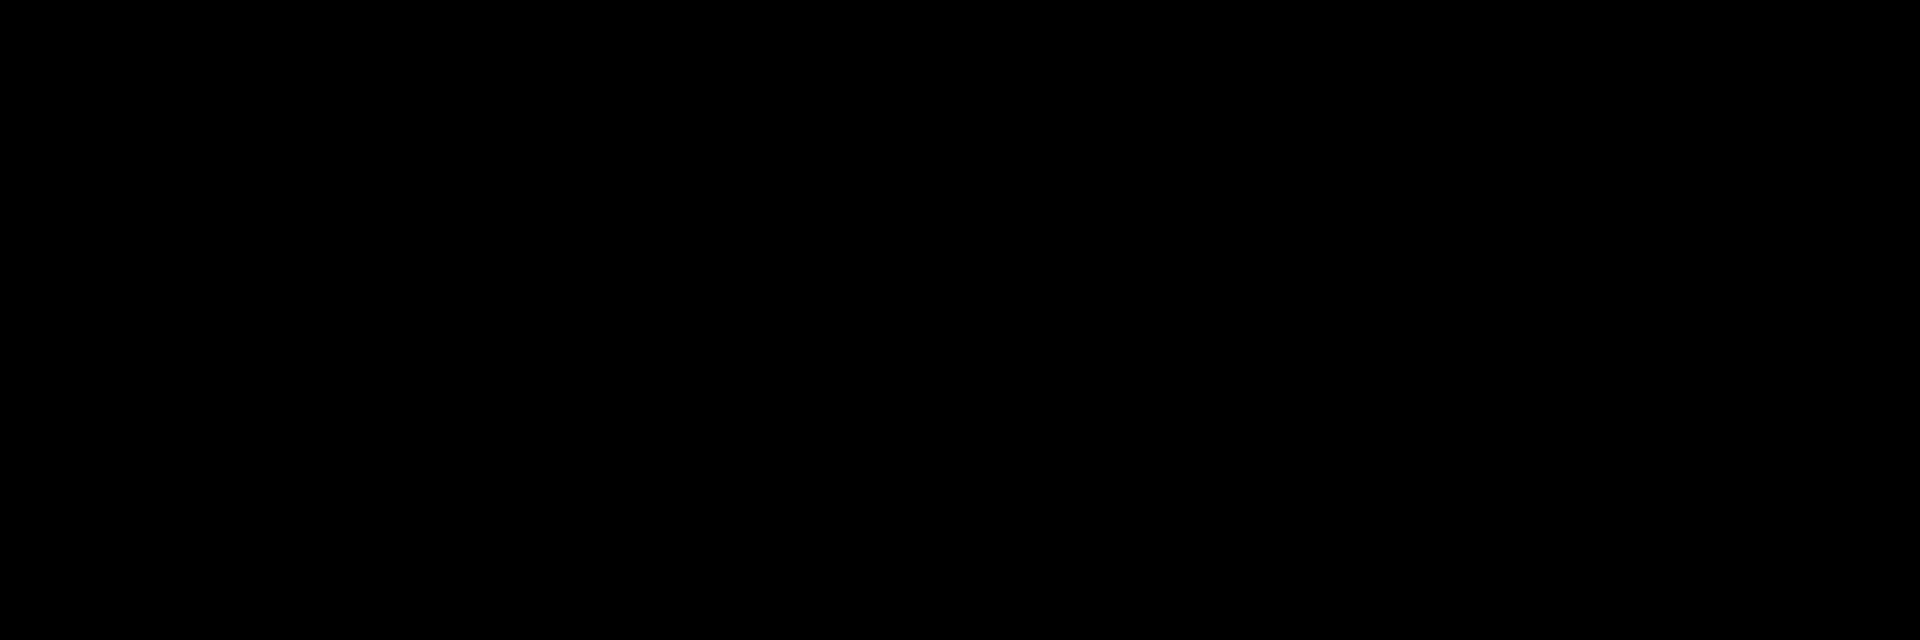 rlon liquid prism